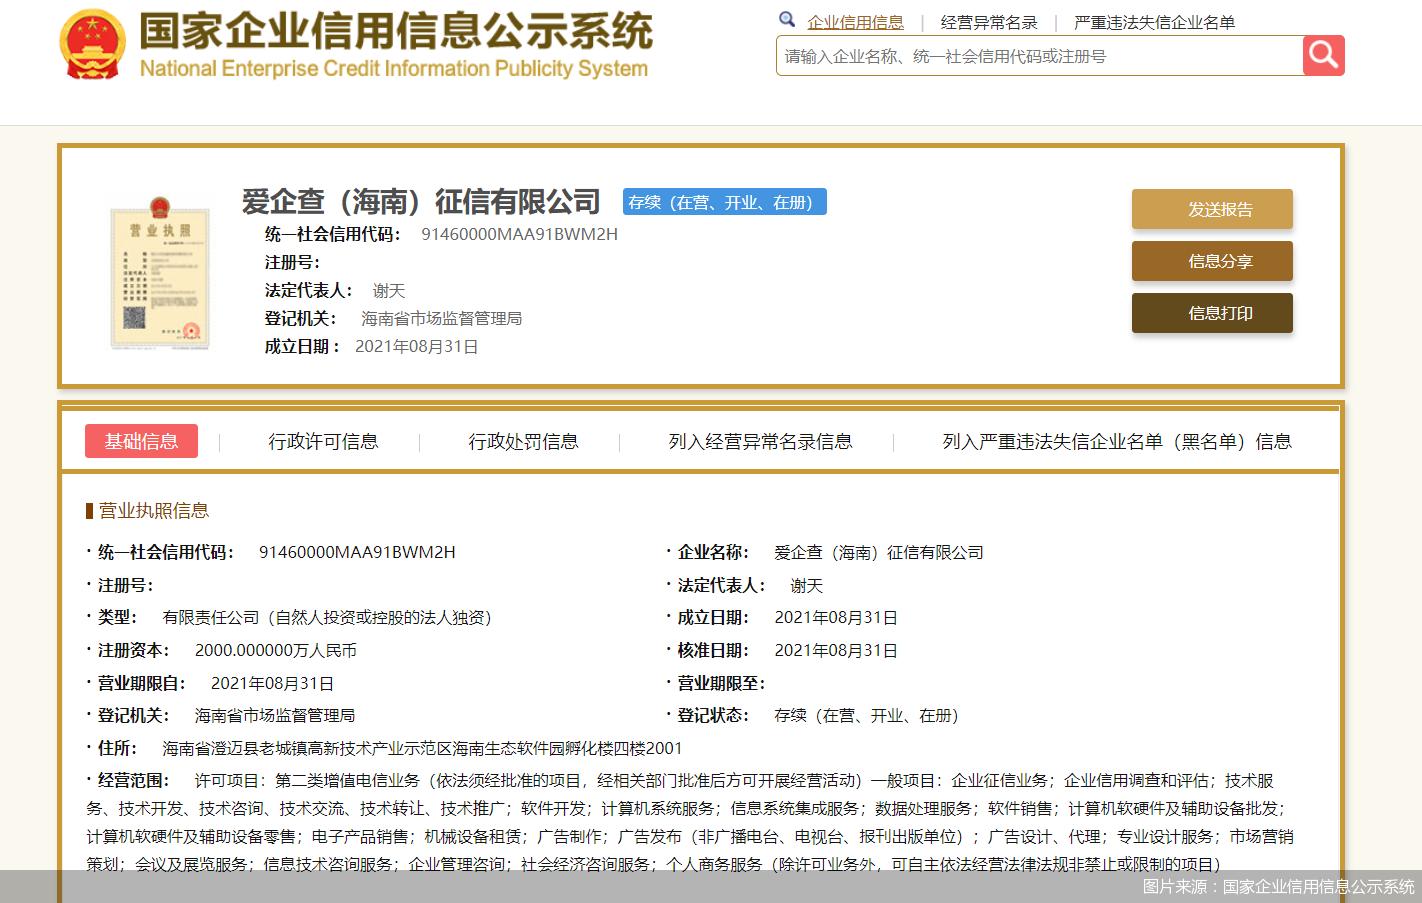 图片来源:国家企业信用信息公示系统